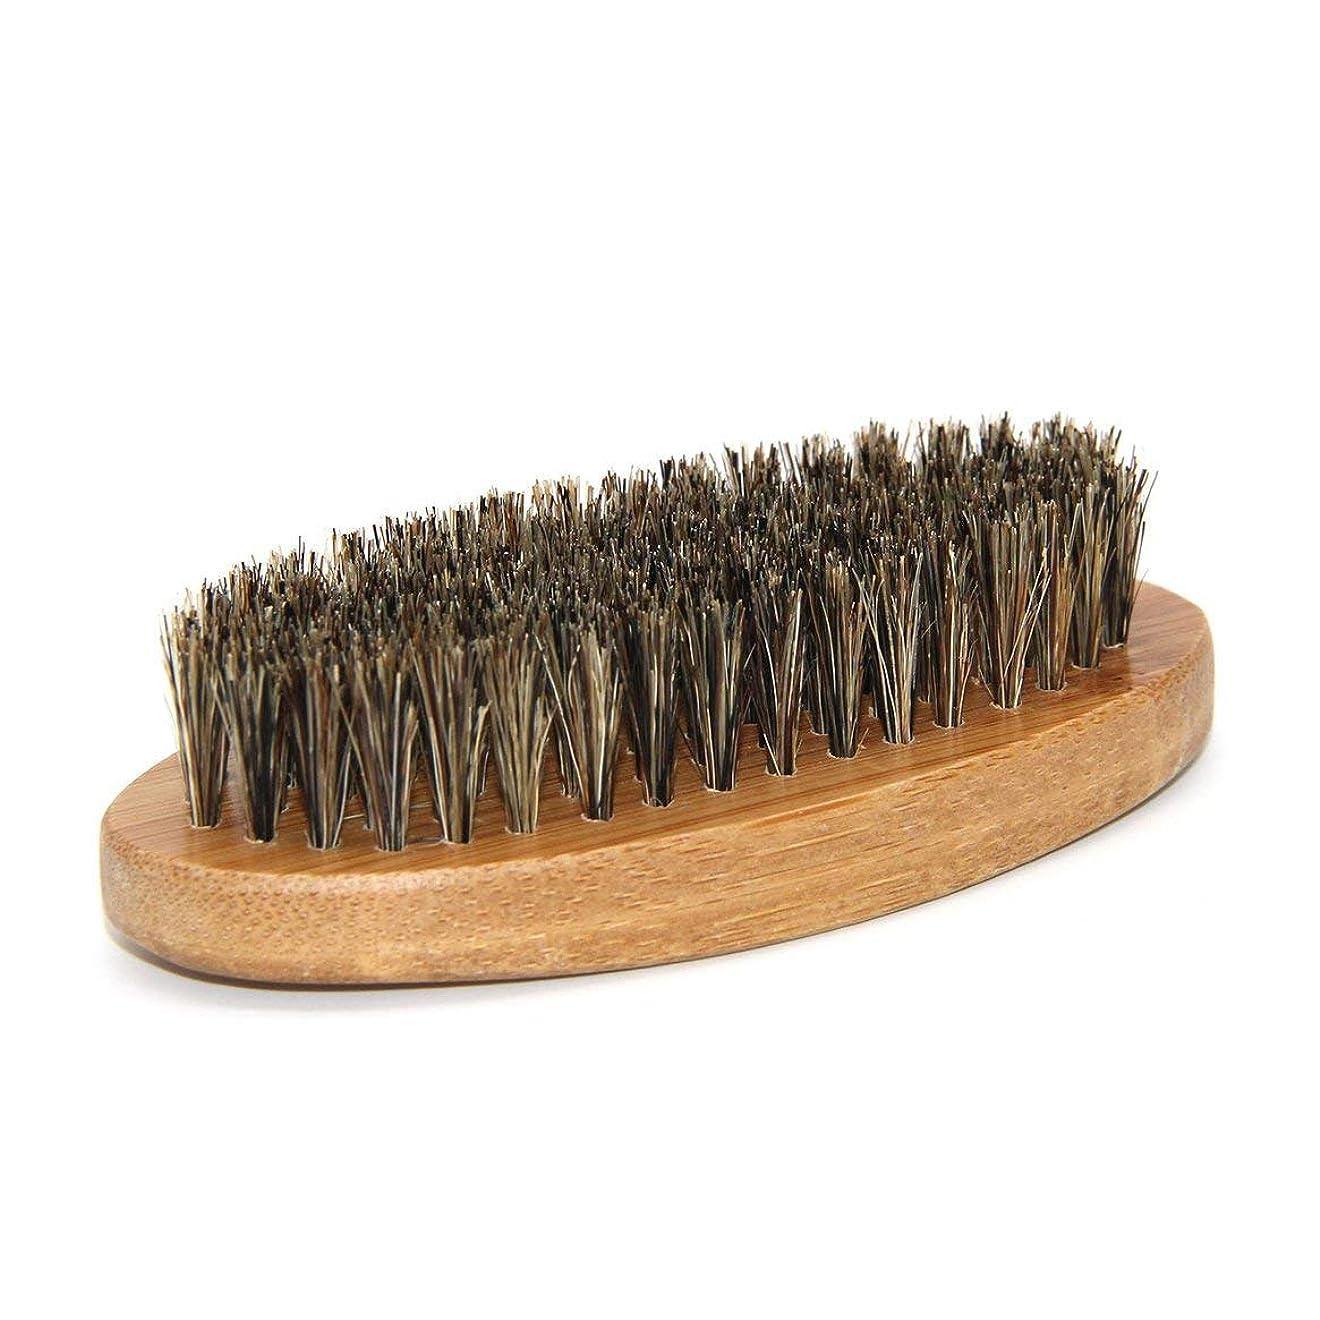 こしょう不毛半島Tinygrass 男性のイノシシの毛の毛のひげの口ひげのブラシ軍の堅い円形の木製のハンドル(色:茶色)